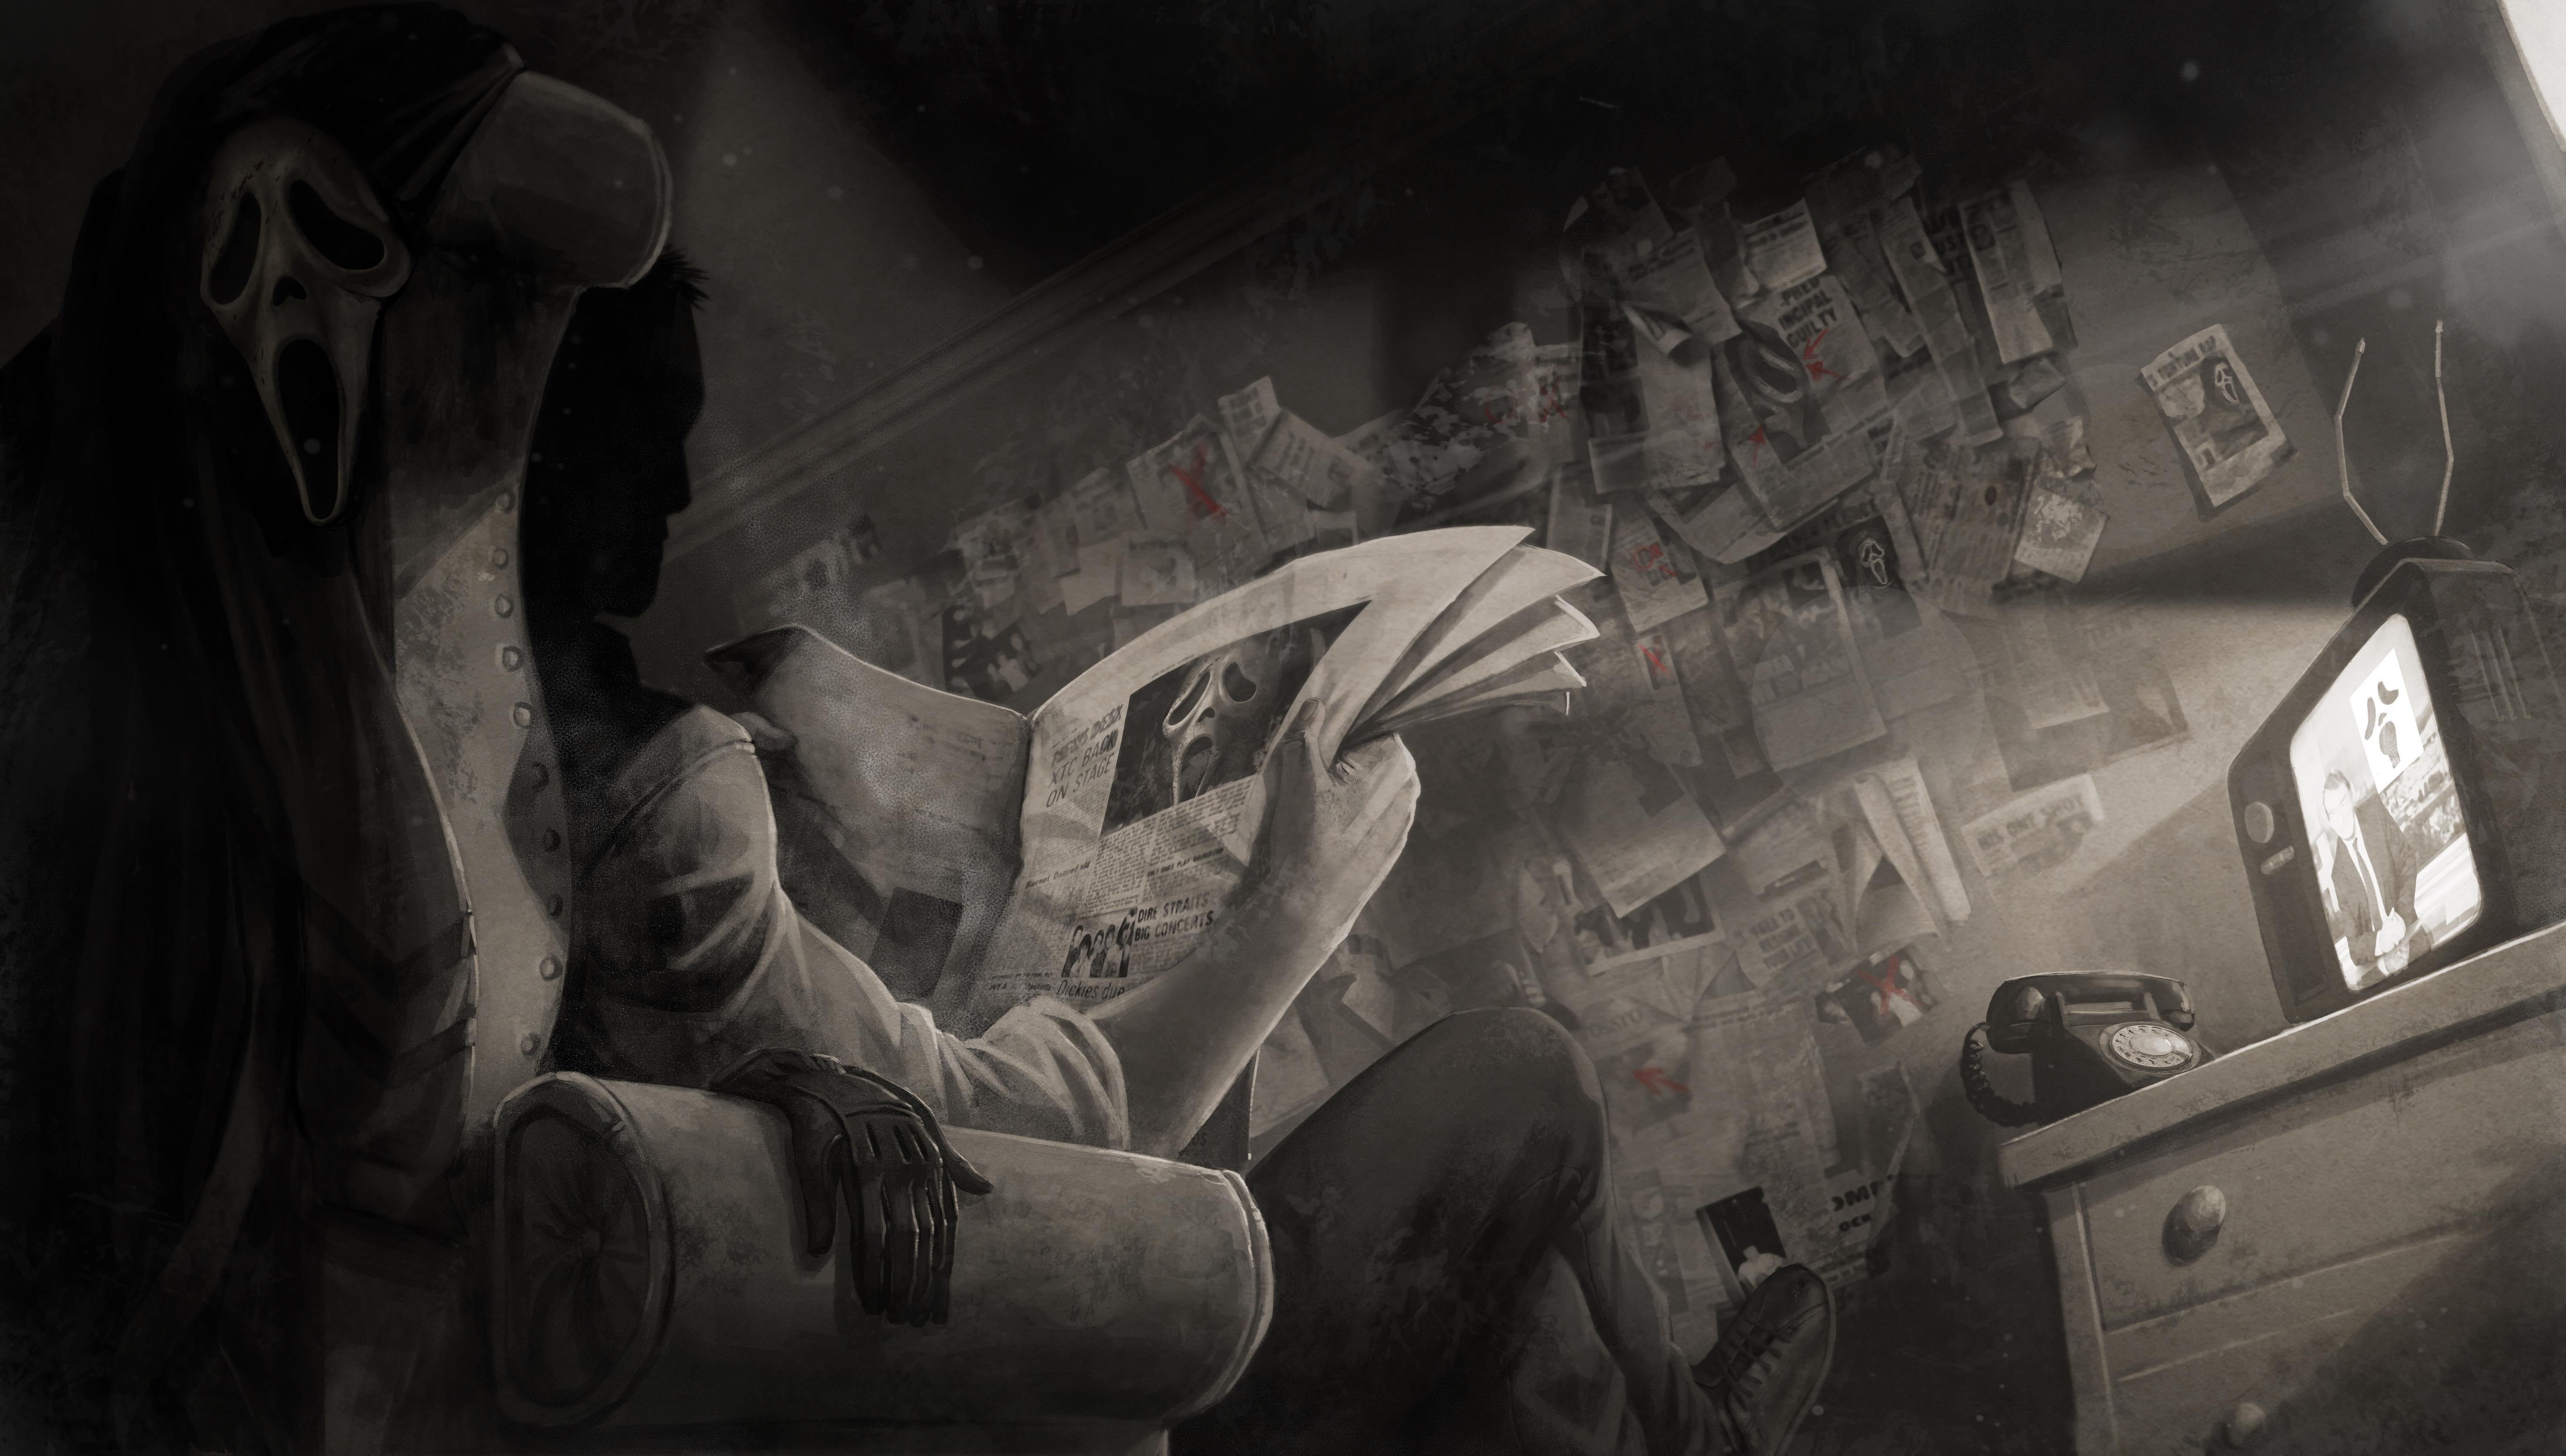 Ghostface_lore_02 render03.jpg